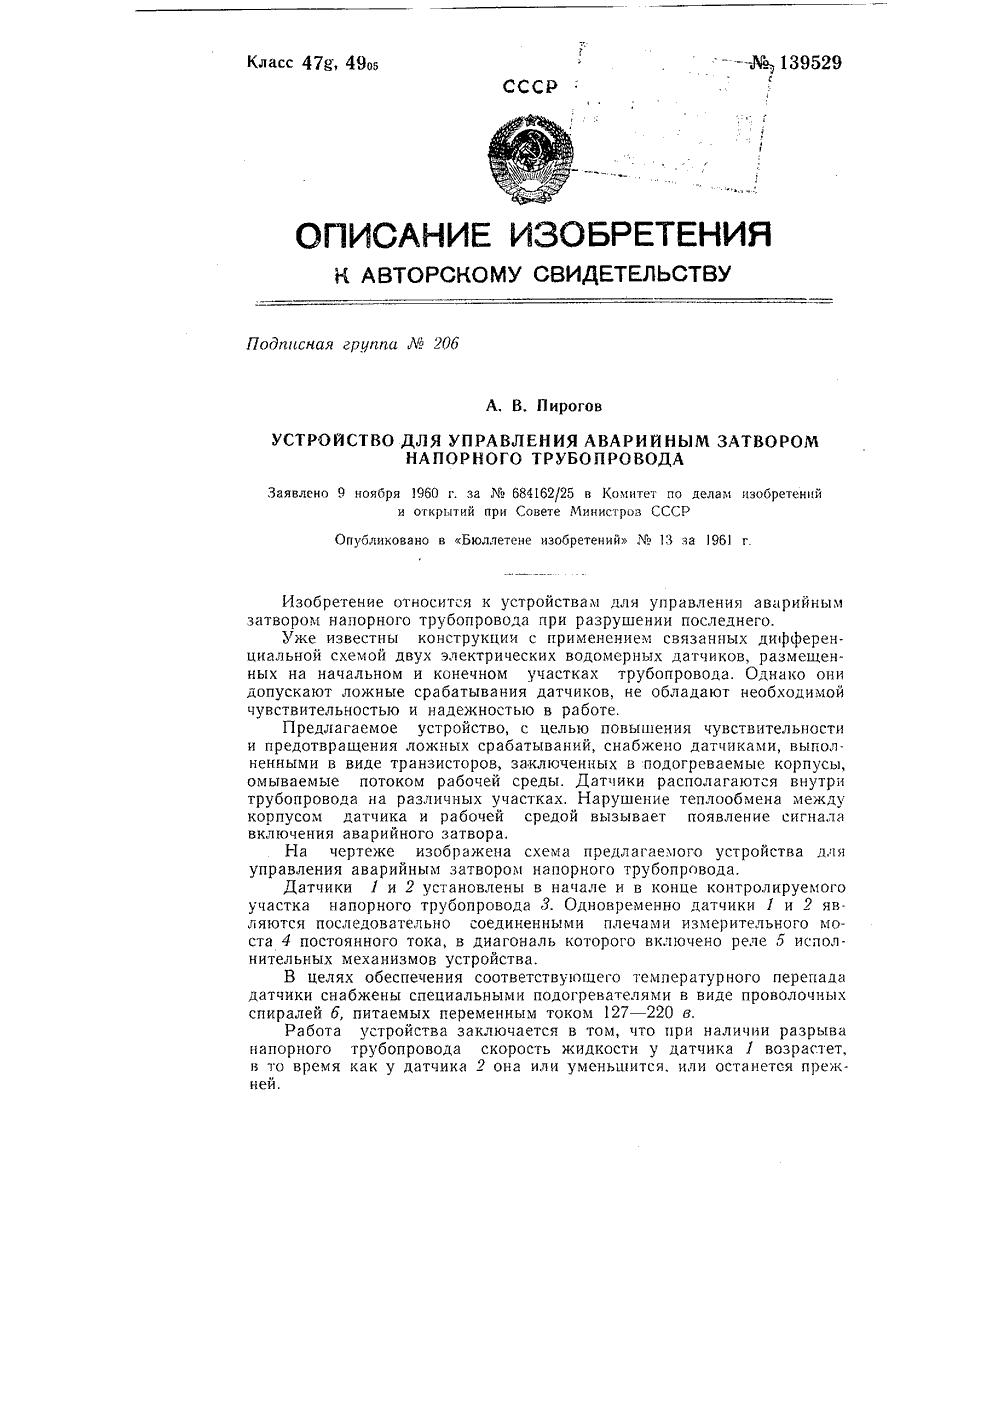 схема октан корректора эк-1